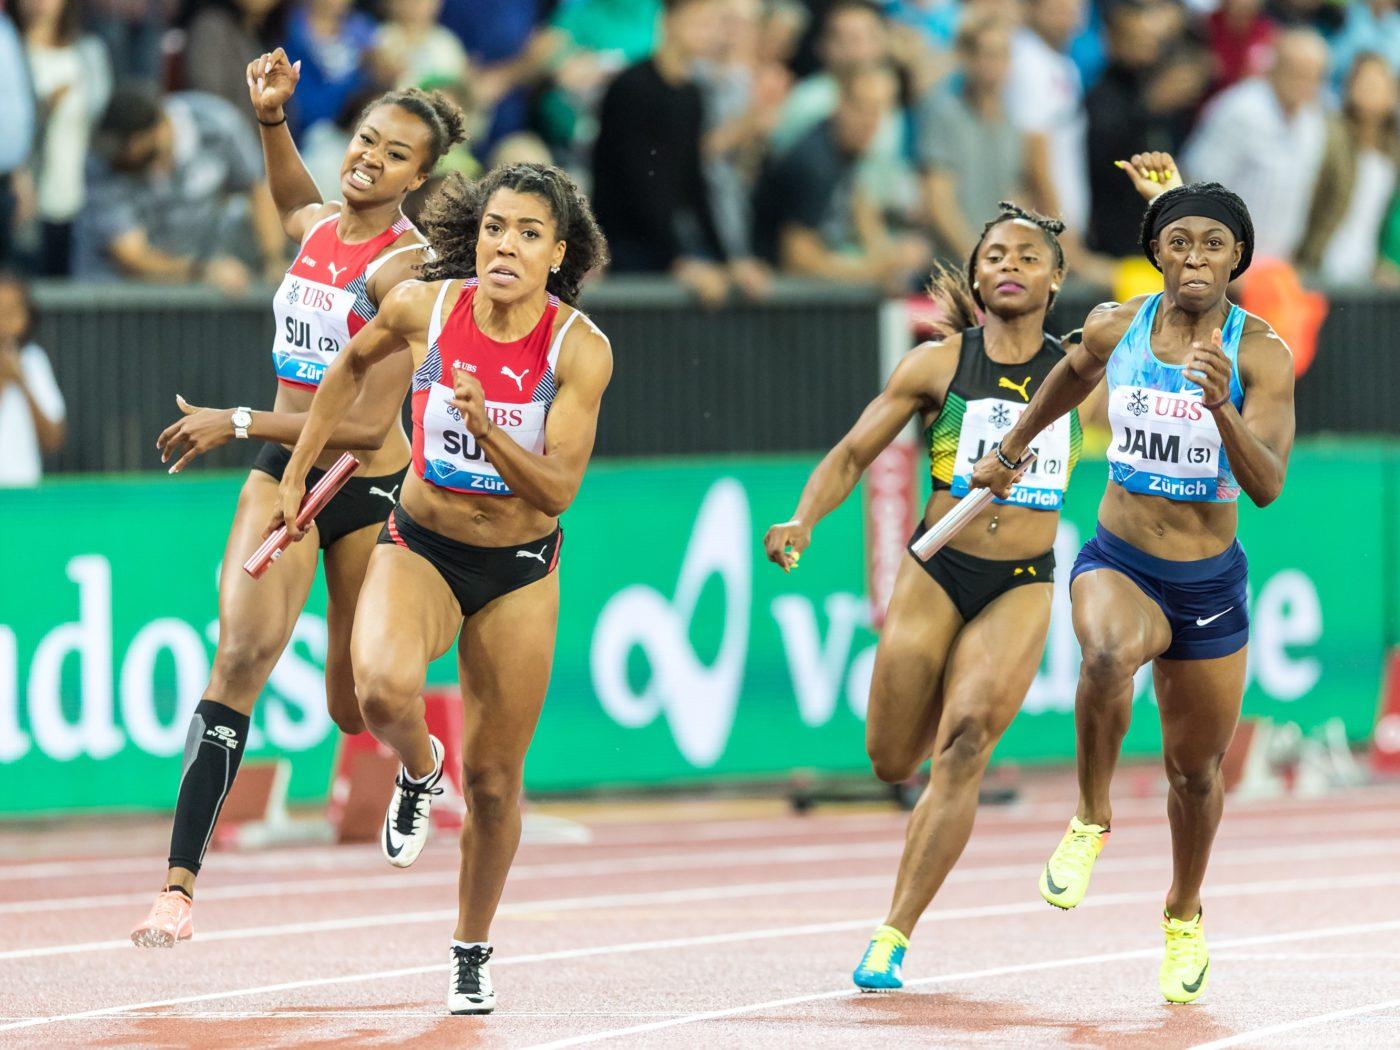 Mujinga Kambundji, Sarah Atcho (Photo: athletix.ch)